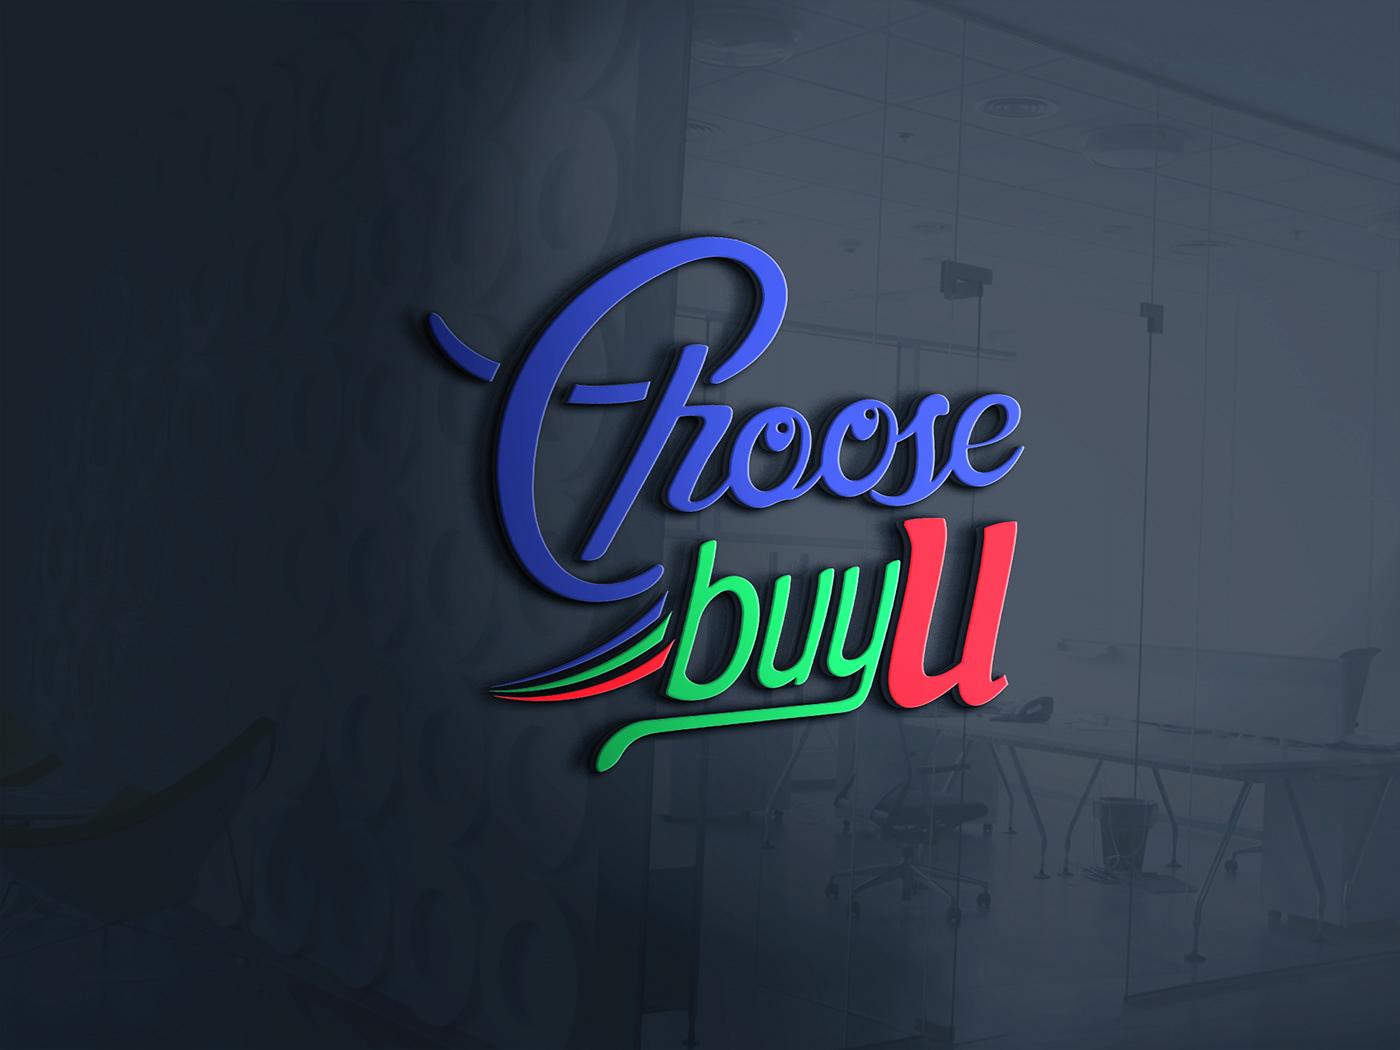 choose choose buy u logo Logo Design